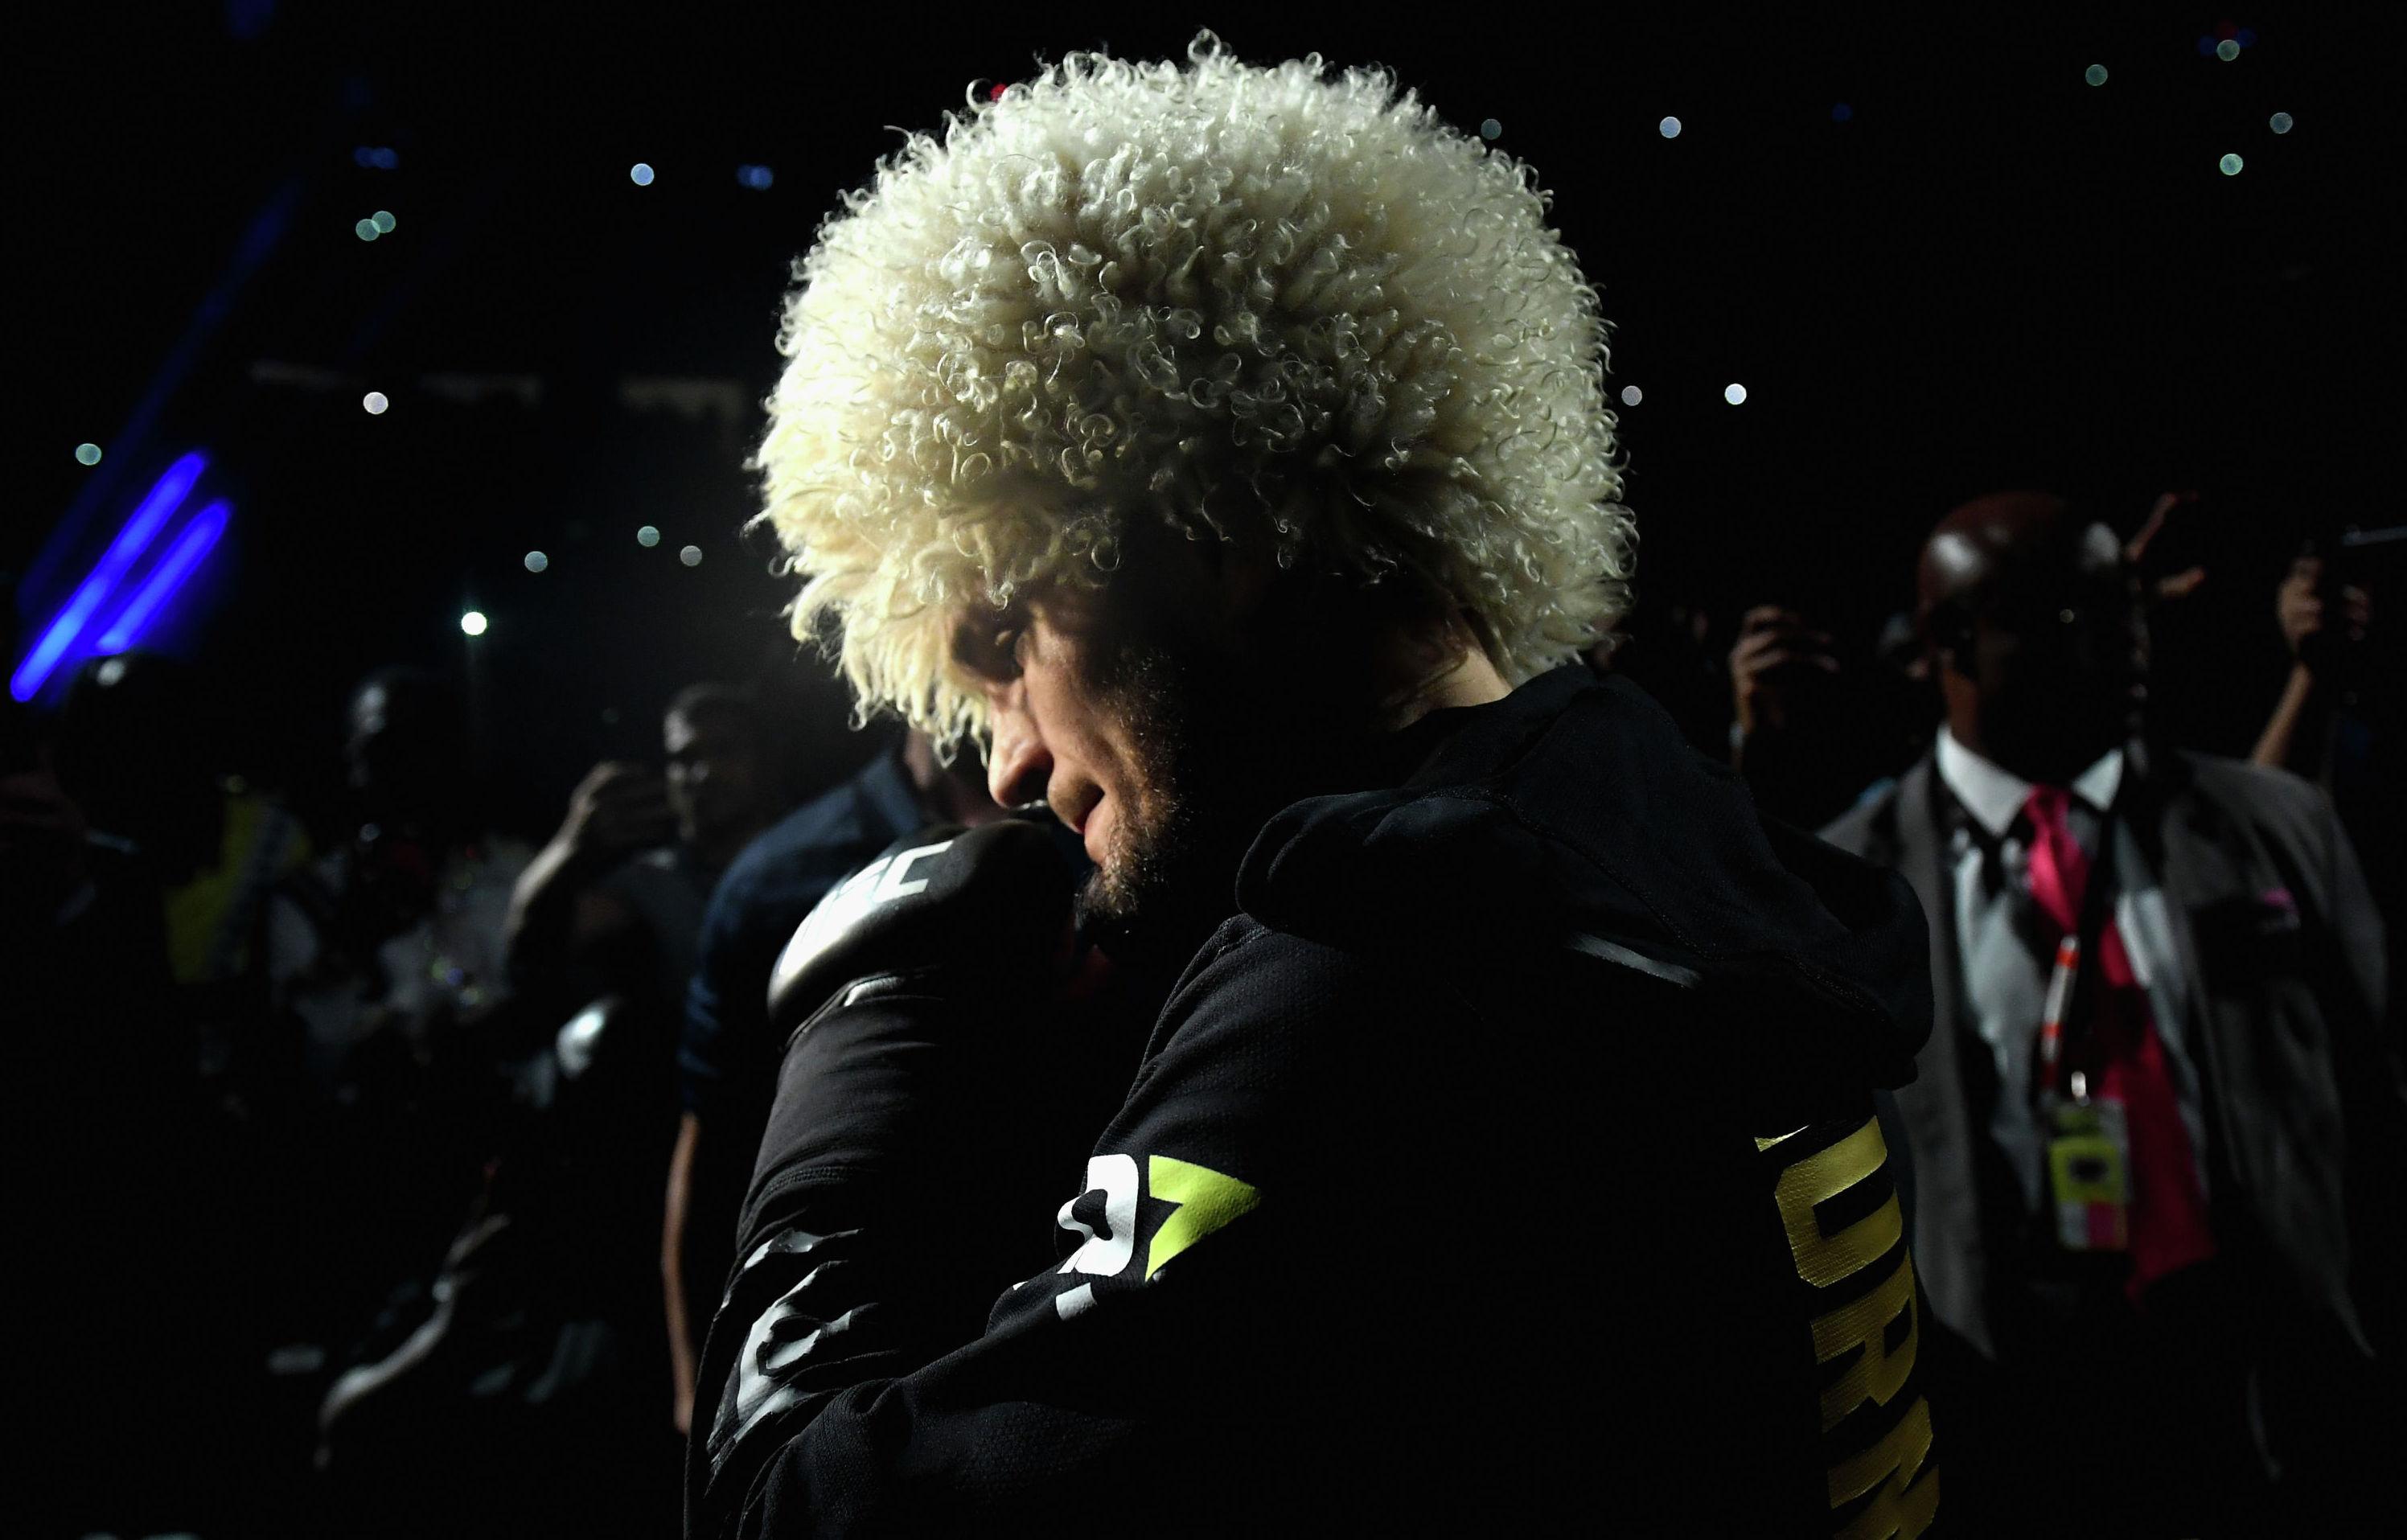 Боец из России Хабиб Нурмагомедов вступает в борьбу с Конором МакГрегором в поединке на чемпионате UFC в легком весе во время соревнования UFC 229 на T-Mobile Arenaв Лас-Вегасе, штат Невада.  6 октября 2018 года